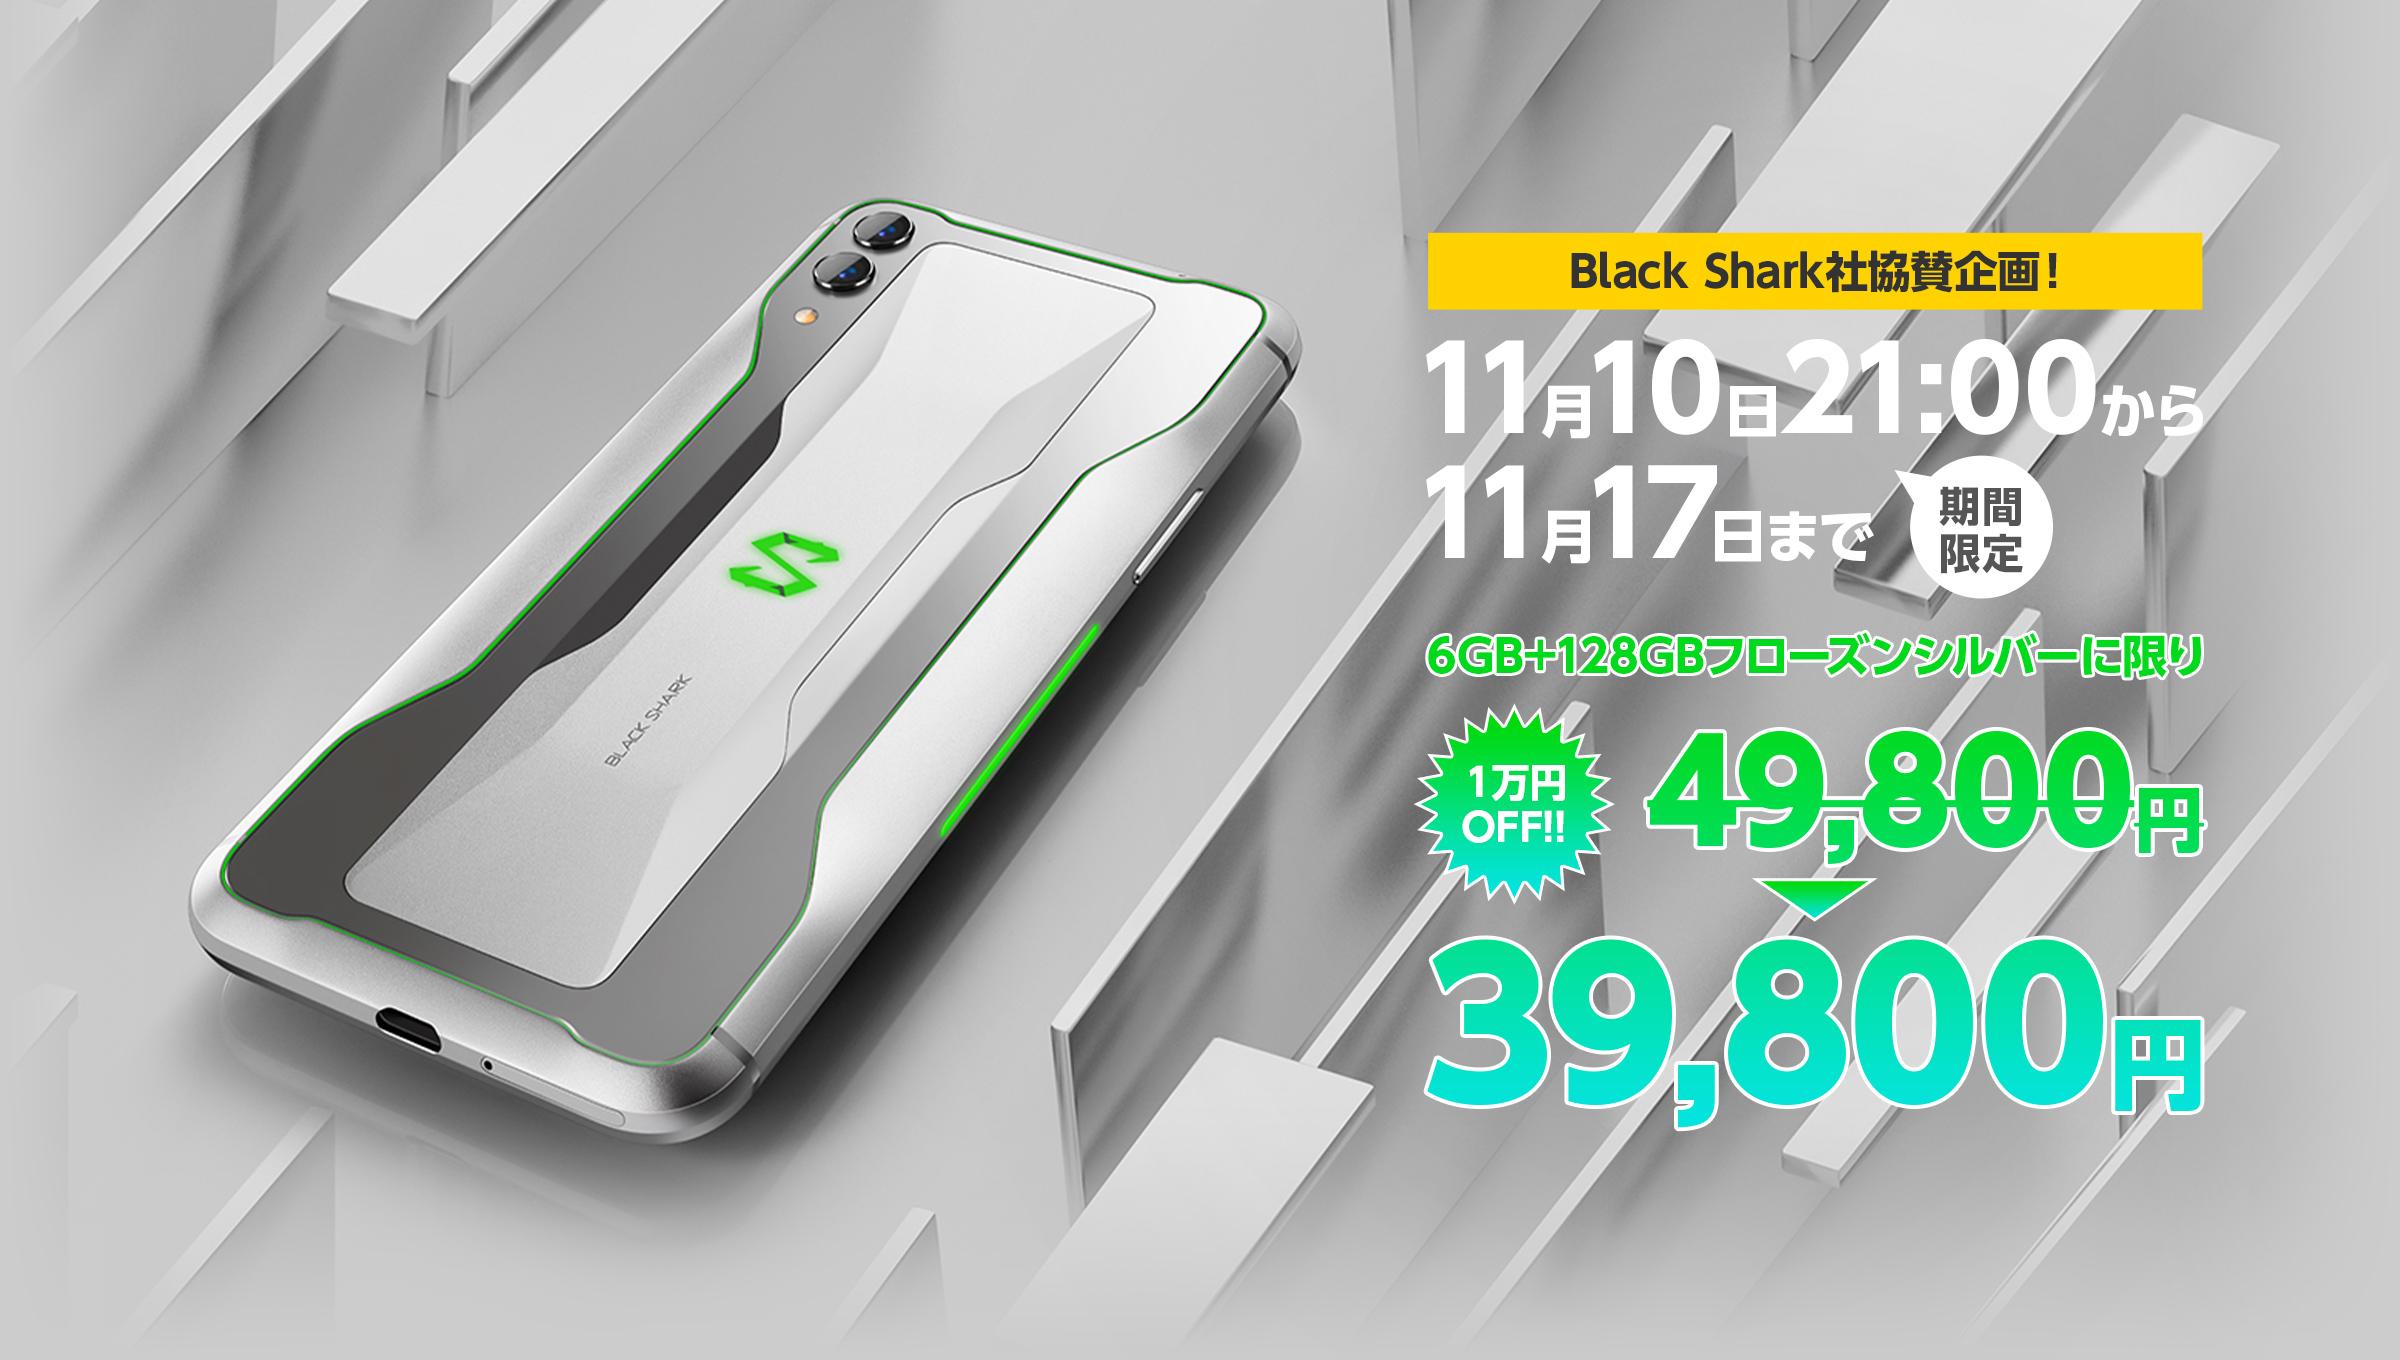 Xiaomi製Black Shark2がわずか39800円。6.39インチ/Snapdragon 855/RAM6GB+ROM128GBというハイエンドモデル。